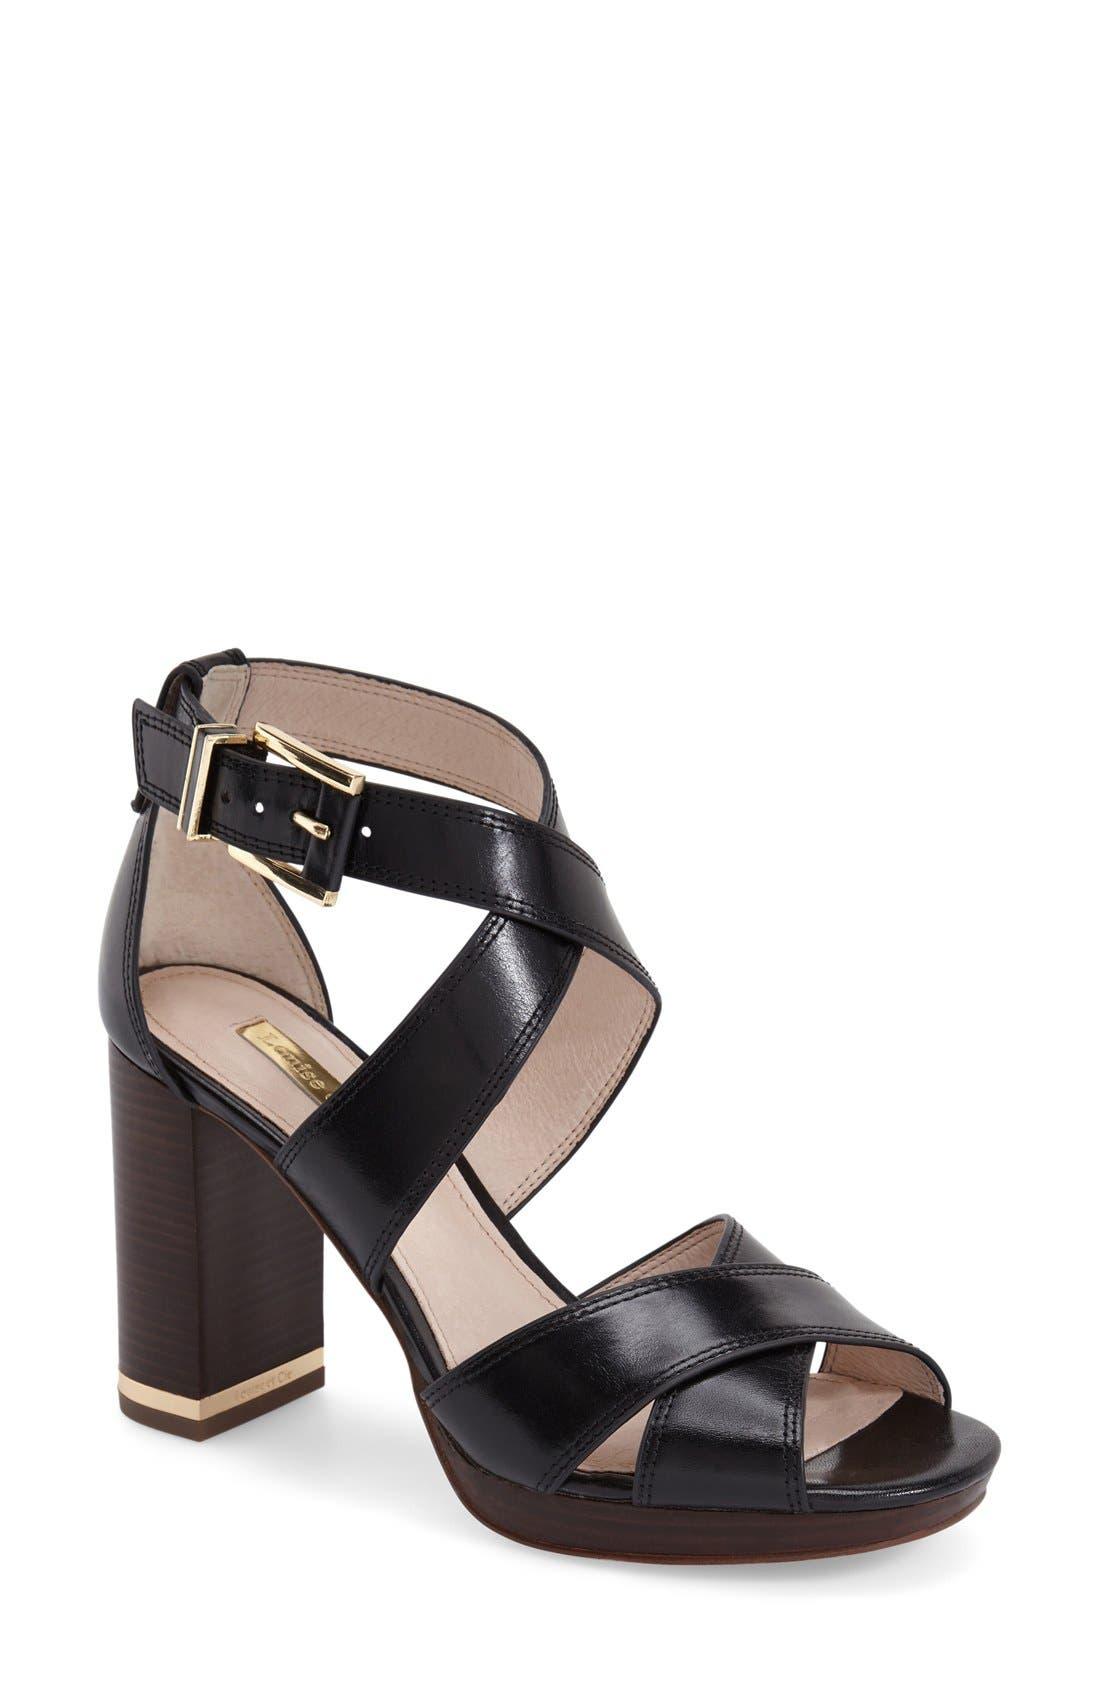 Main Image - Louise et Cie 'Gigi' Platform Sandal (Women)